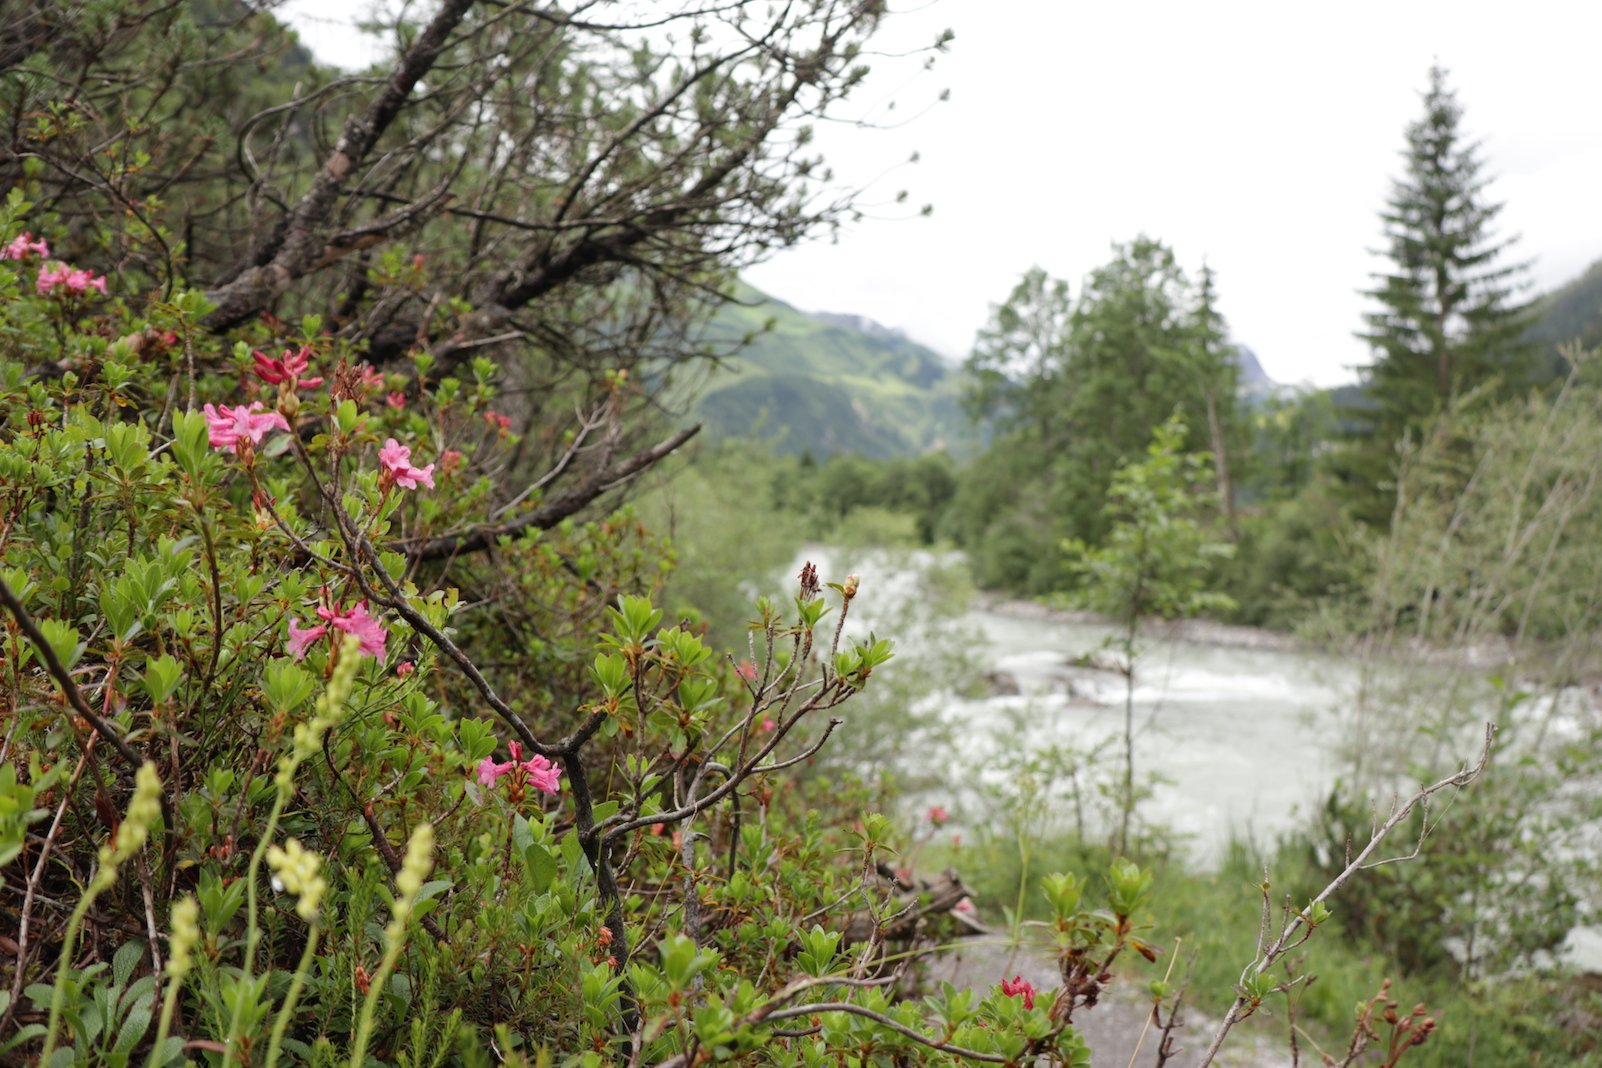 Erster Versuch mit der Alpenrose und dem Lech im Hintergrund: Blende weit auf, Fokus auf Alpenrosen